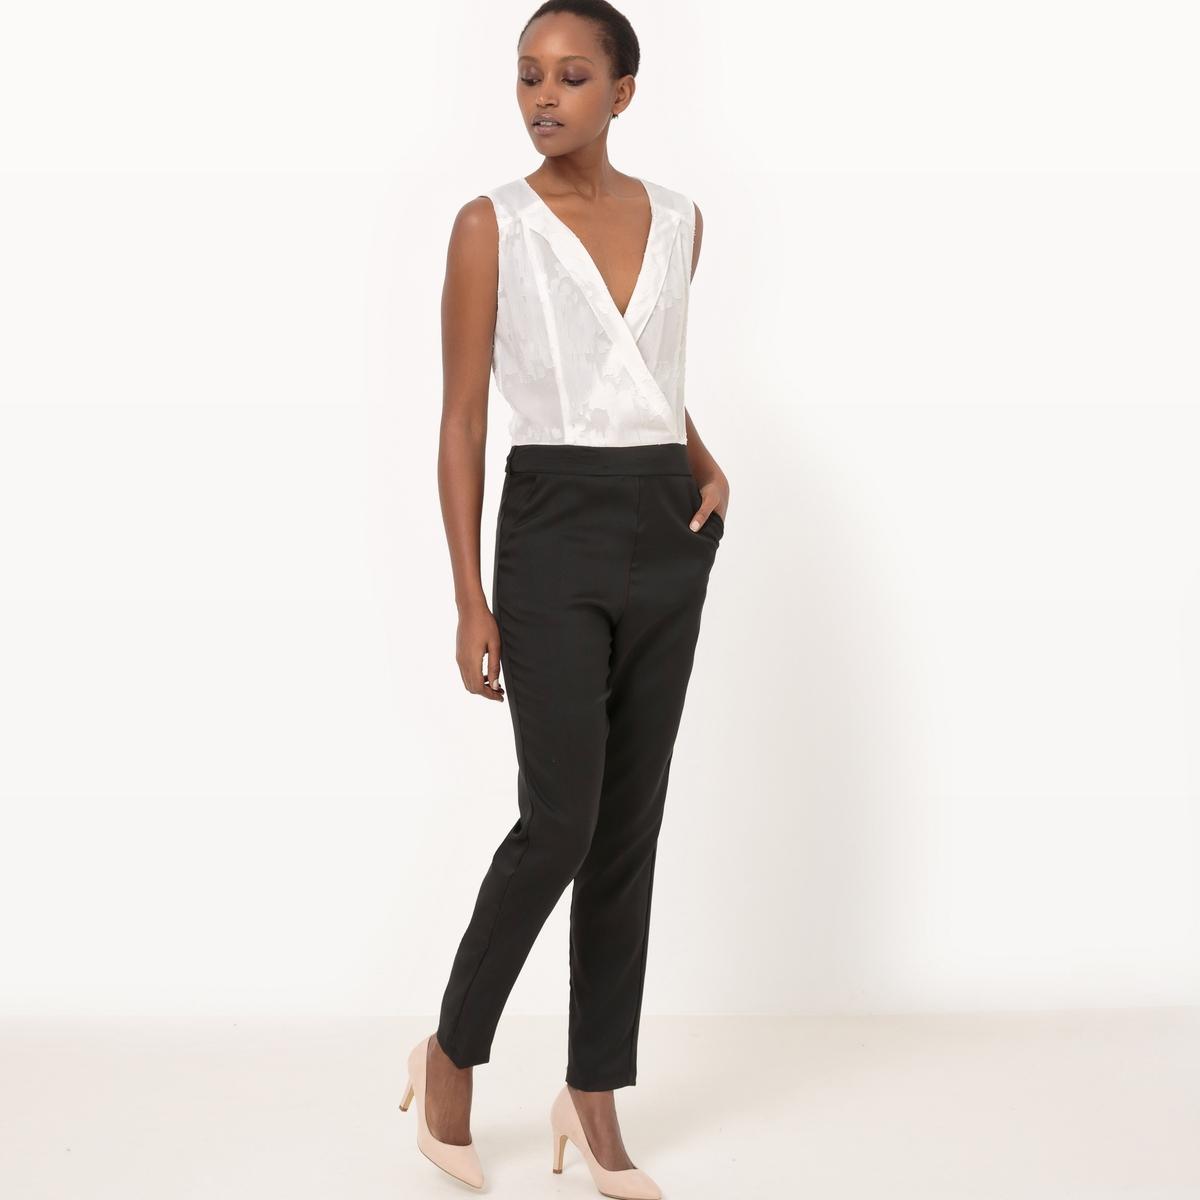 Комбинезон с брюками с кружевными вставкамиДетали  •  Прямой Состав и уход  •  100% полиэфирное волокно •  Просьба следовать советам по уходу, указанным на этикетке изделия<br><br>Цвет: белый<br>Размер: XL